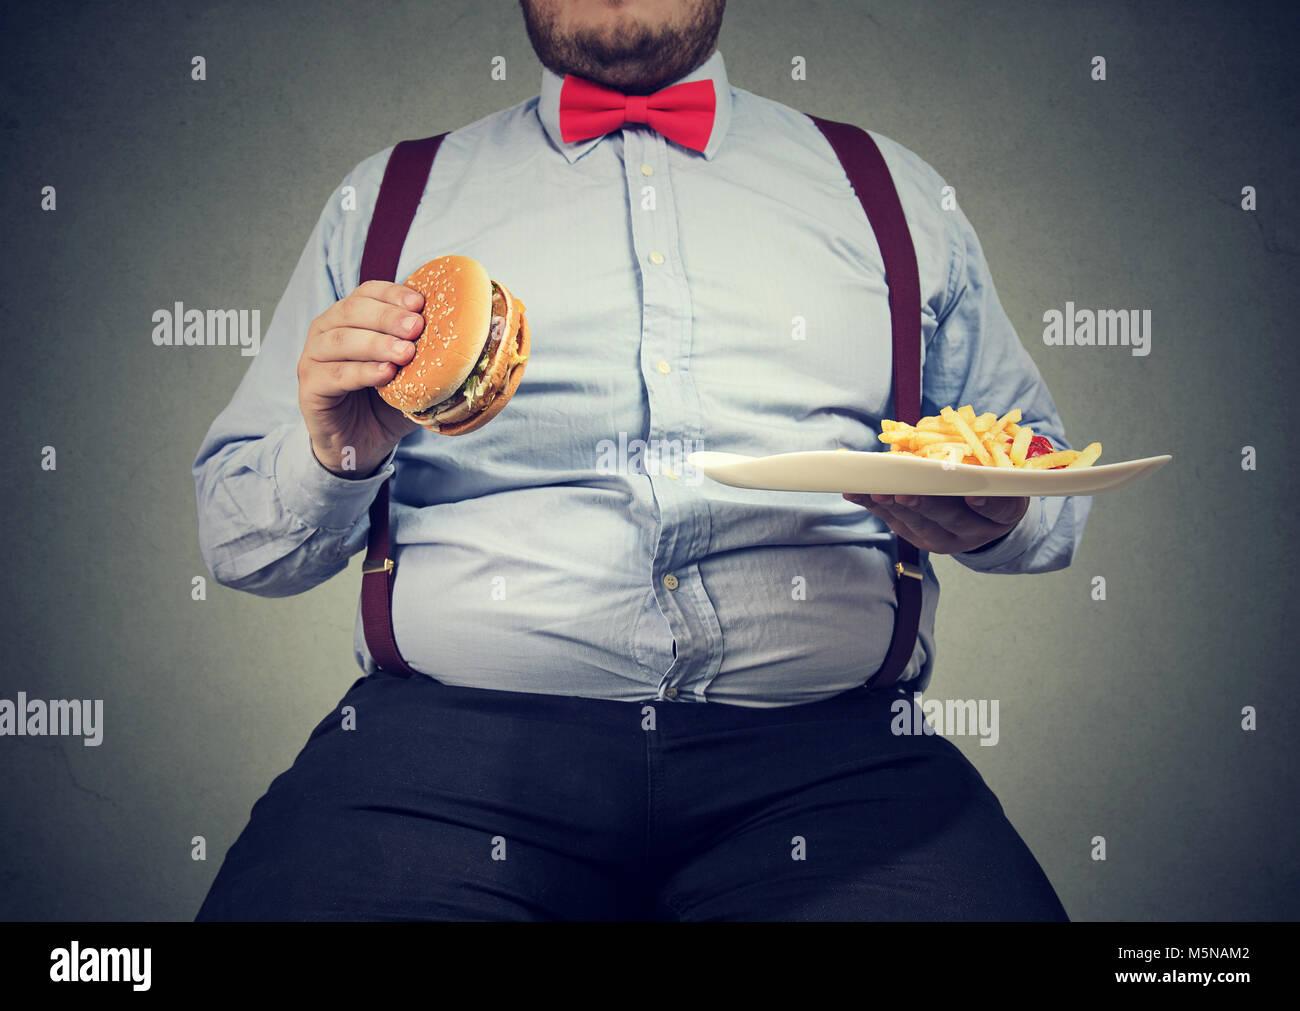 Petit coup de grand homme dans des vêtements formels assis et de consommer la plaque avec restauration rapide Photo Stock